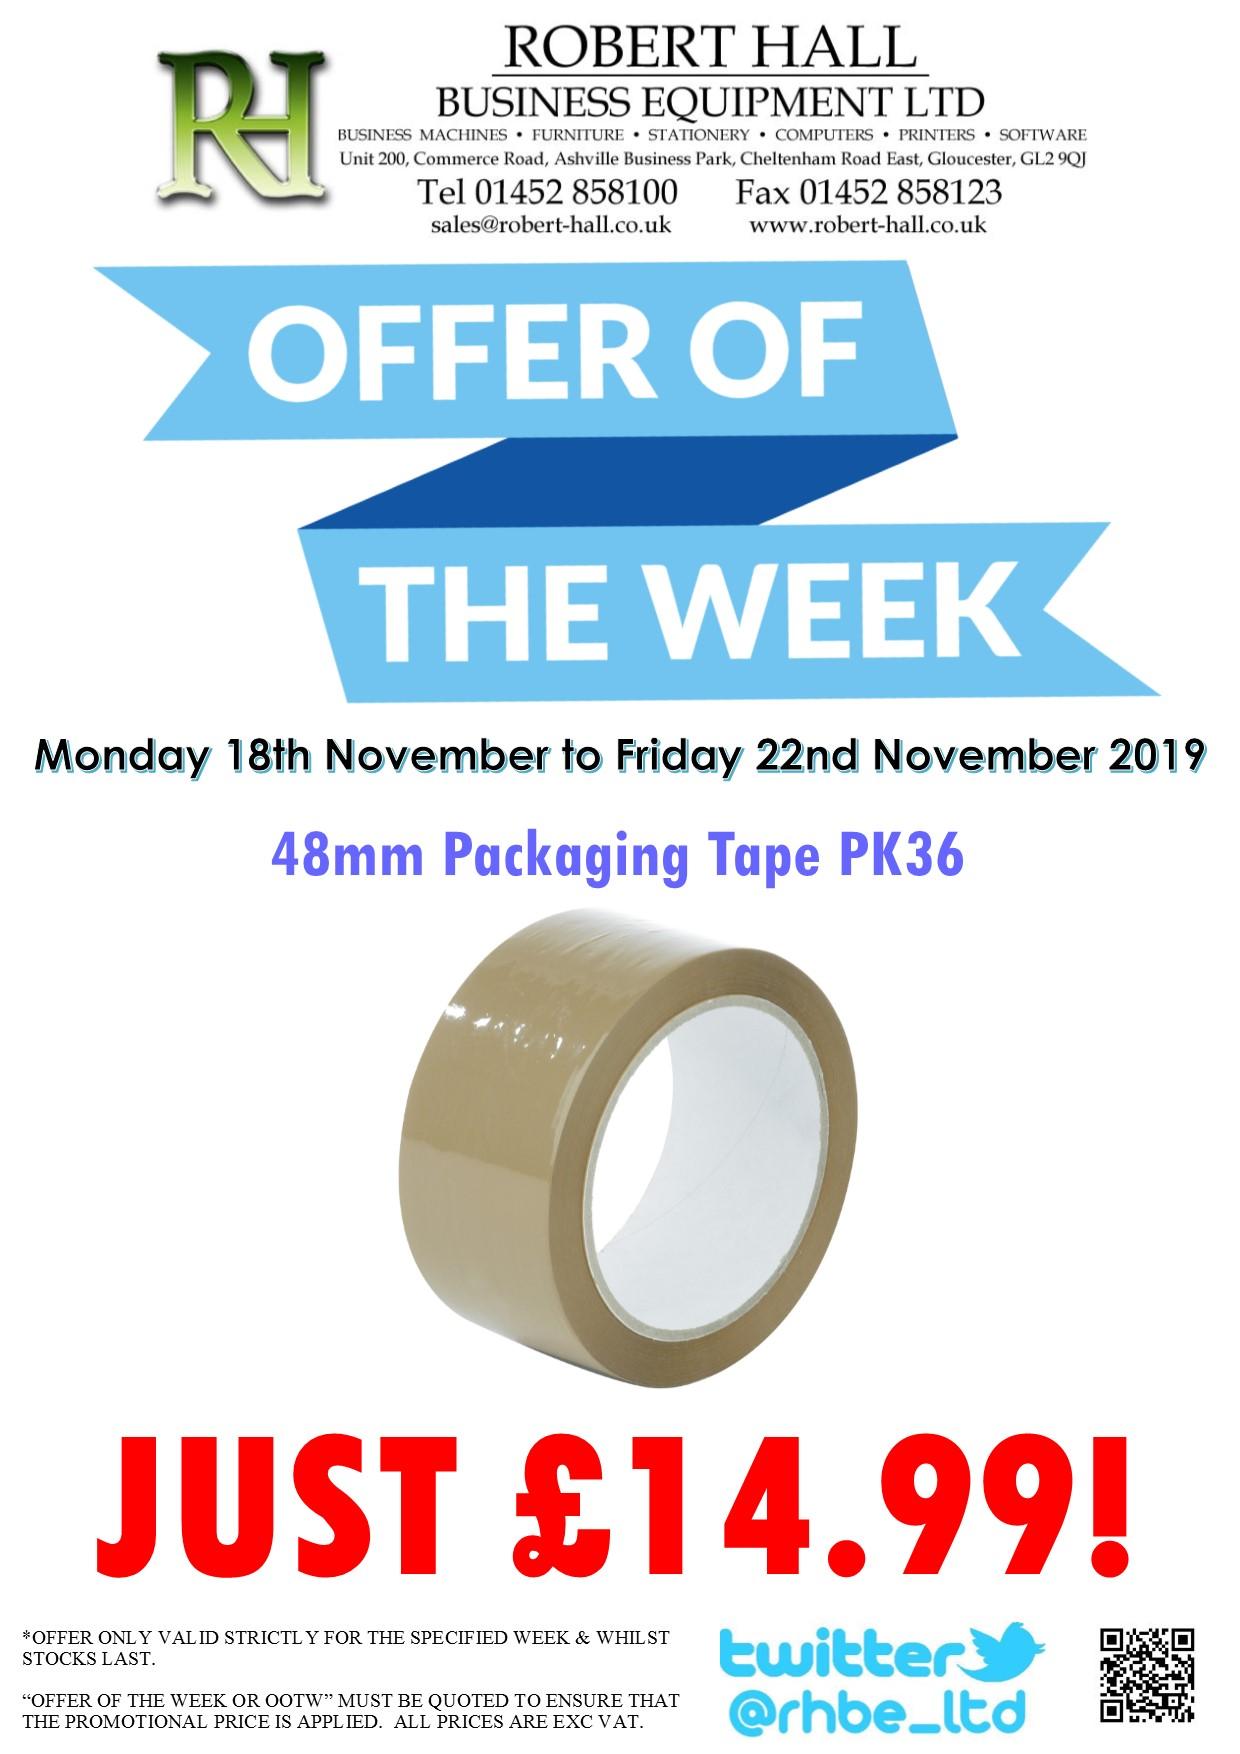 Offer Of The Week: 48mm Brown Packaging Tape PK36